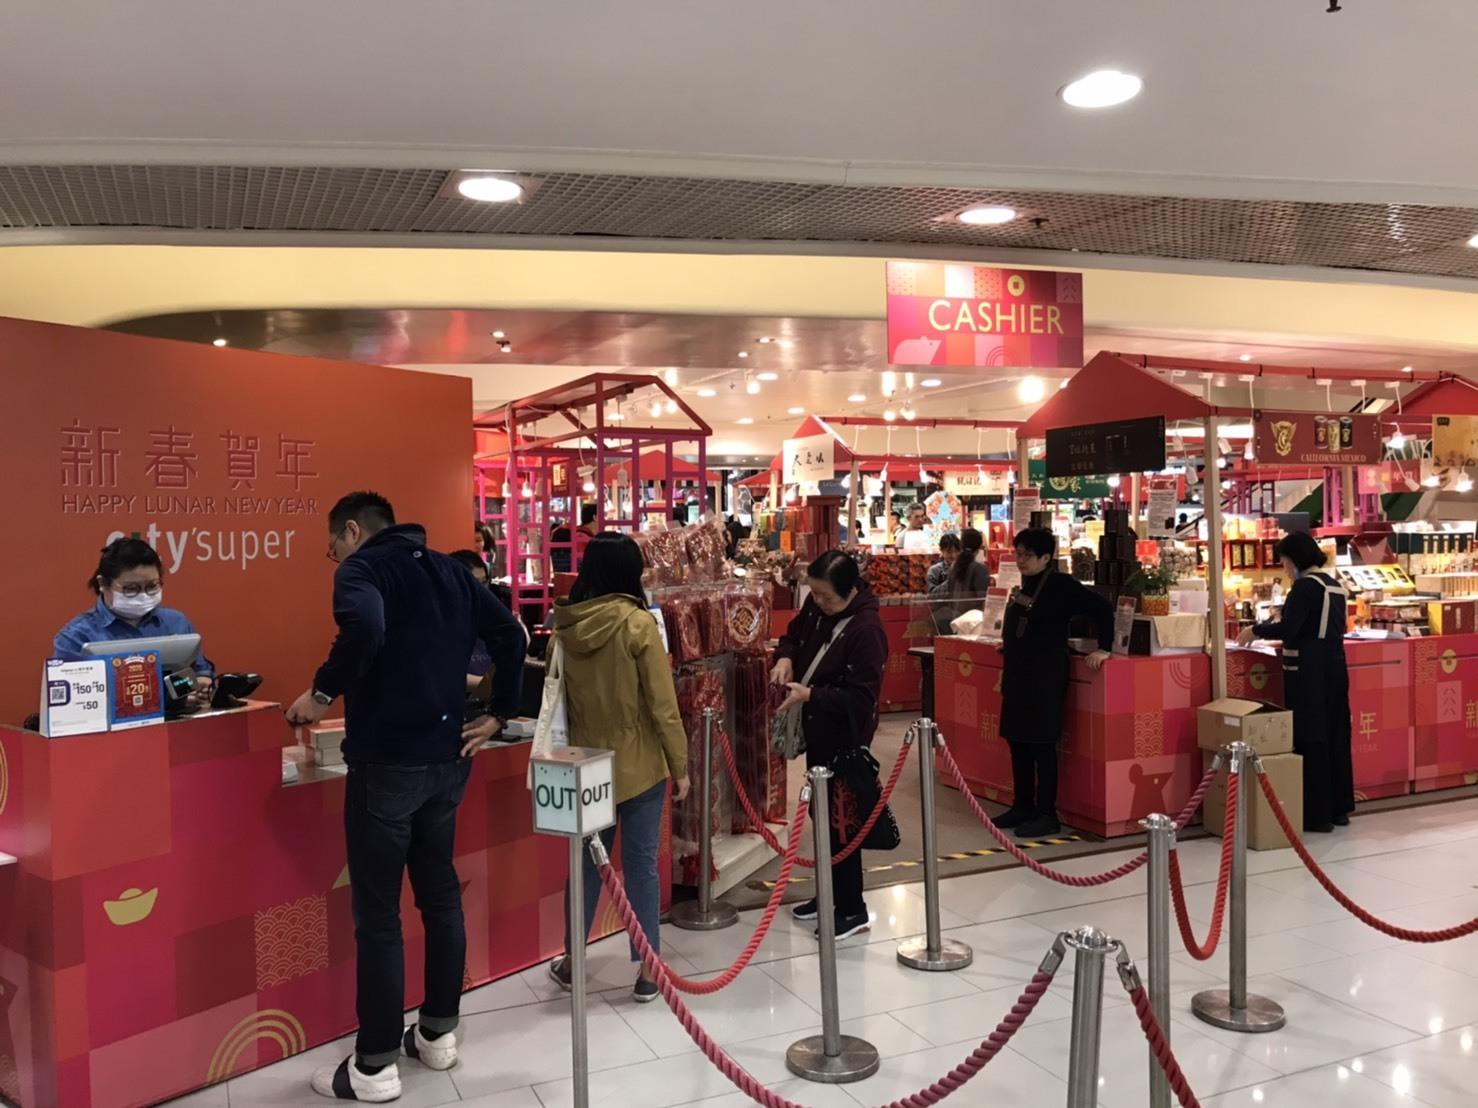 香港City\'super 2020 Chinese NEW YEAR Promotion!!_a0263653_14191099.jpg